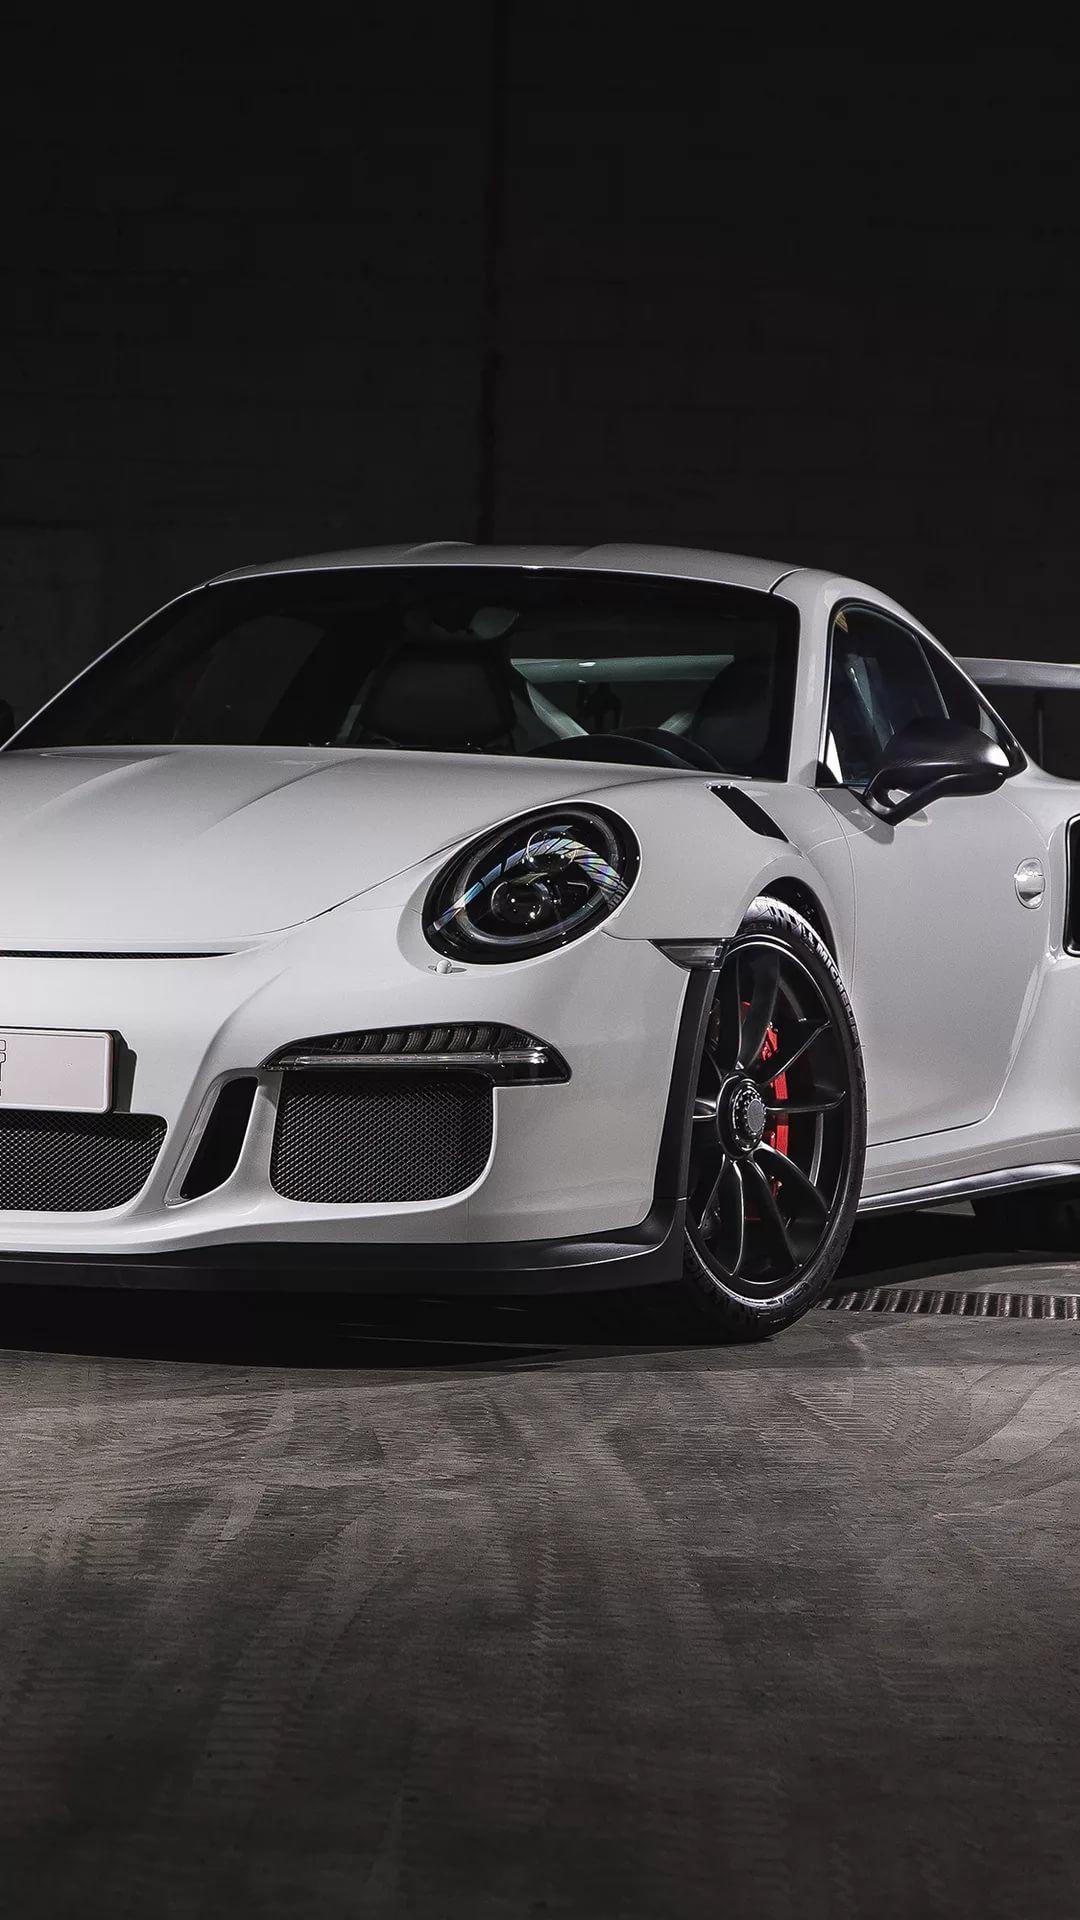 Porsche Gt3 Rs hd wallpaper